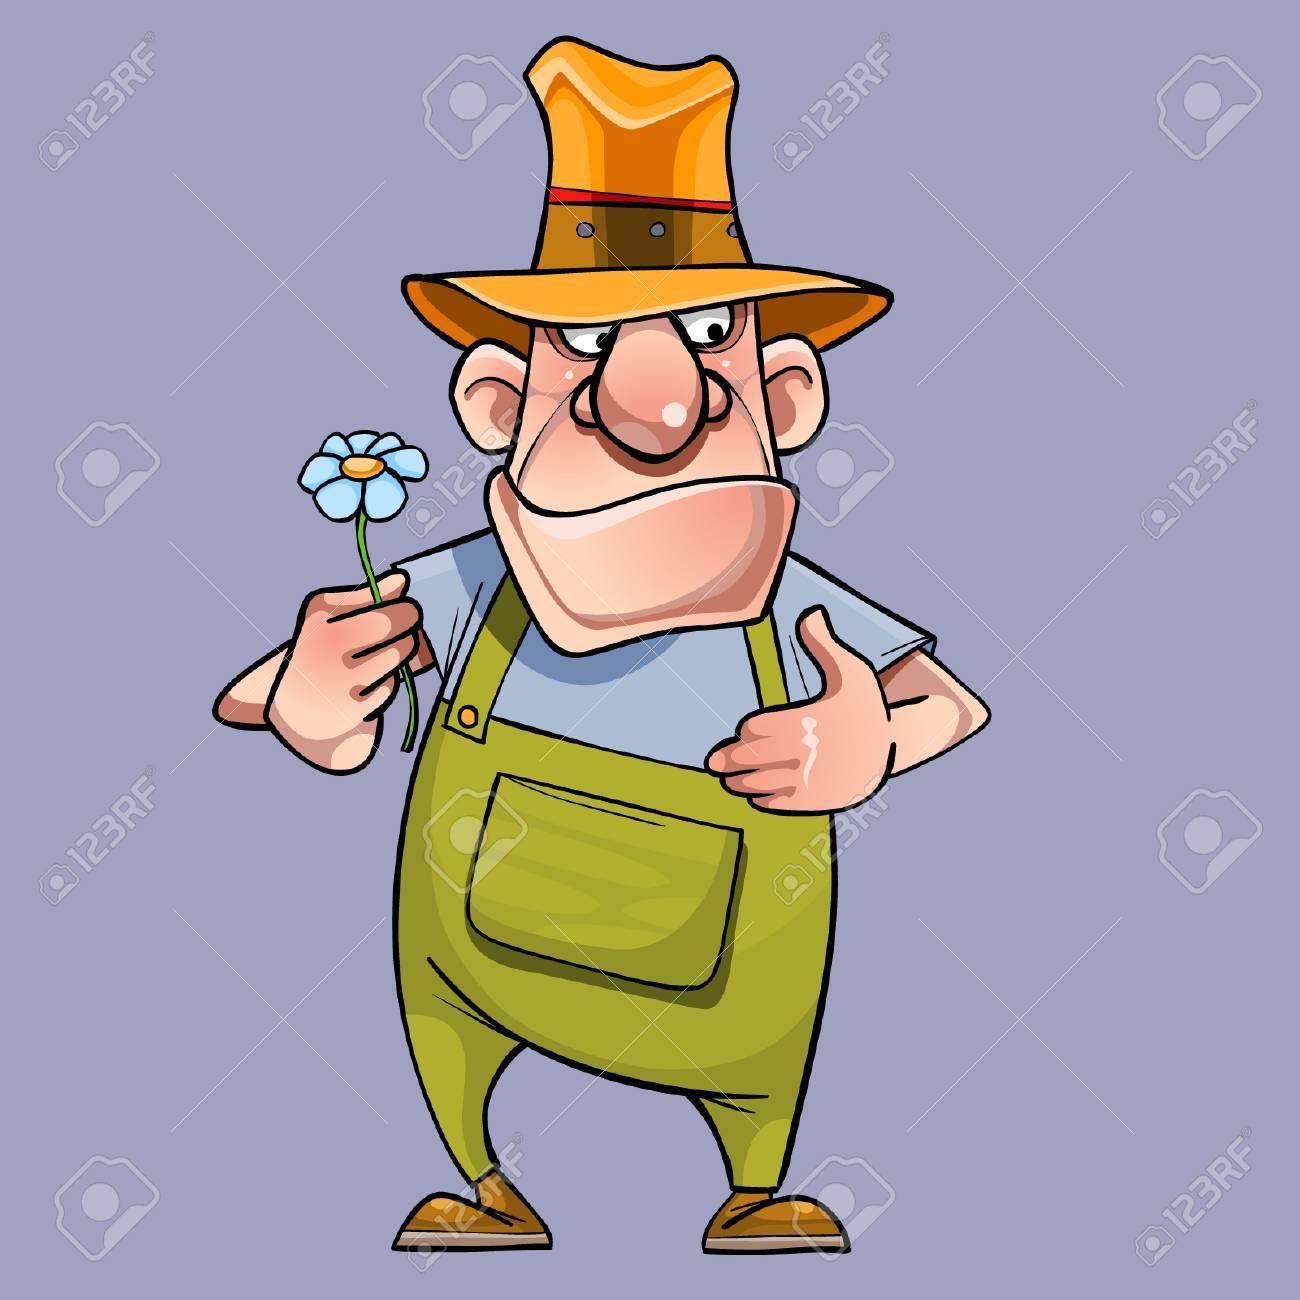 Dessin Anime Male Jardinier Avec Une Fleur Dans Sa Main Clip Art